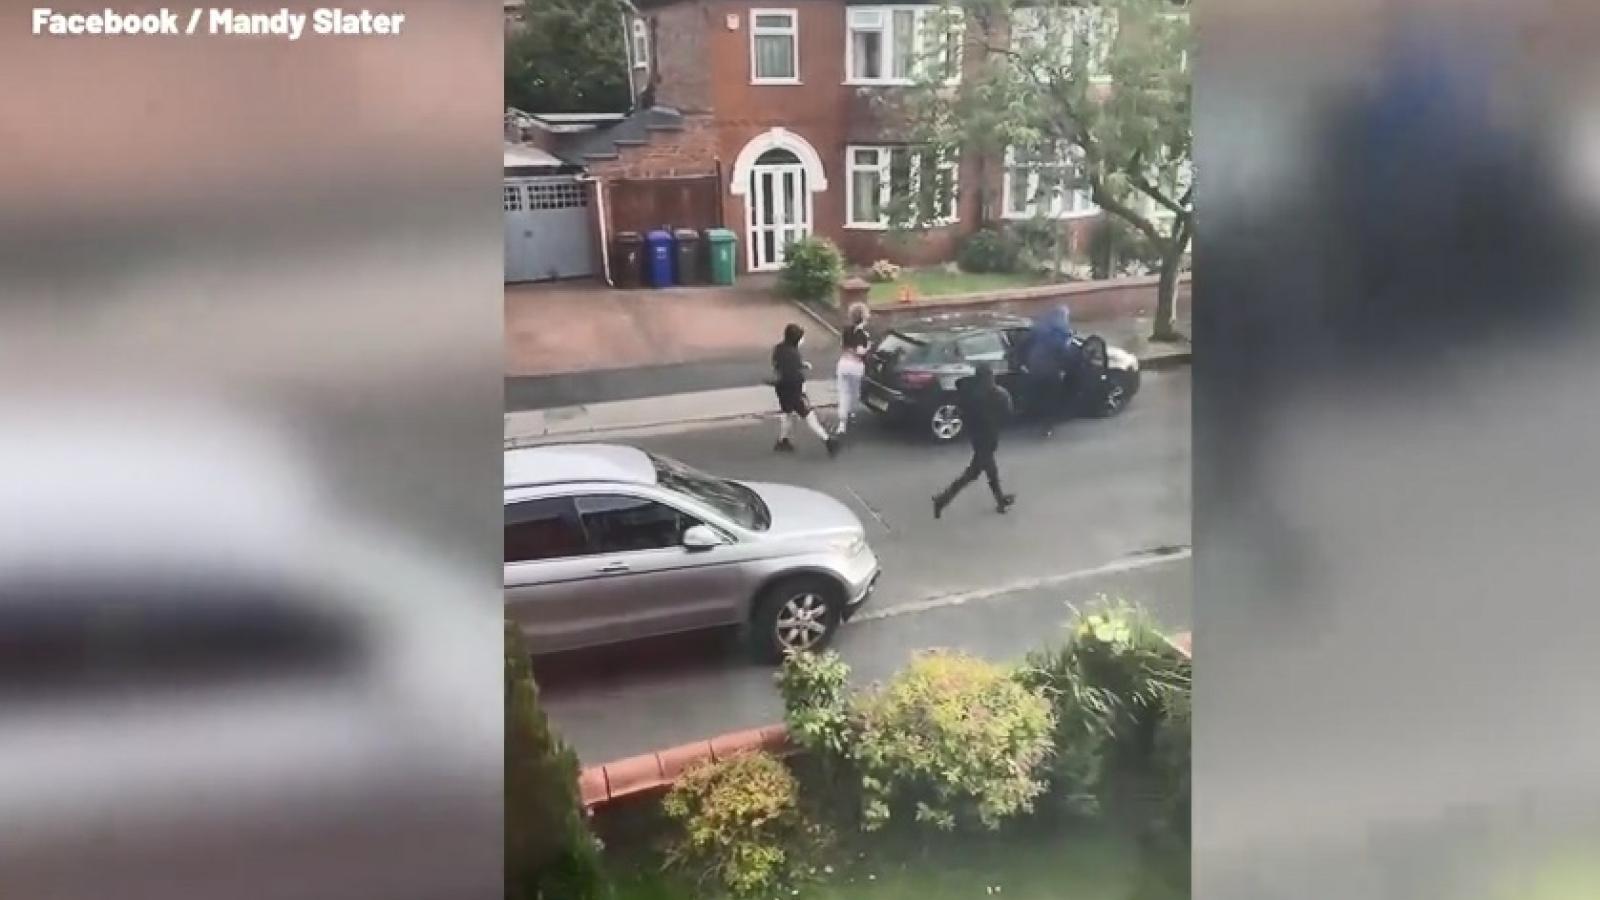 Sững sờ trước cảnh cướp ô tô táo tợn bằng dao giữa ban ngày ở Manchester (Anh)